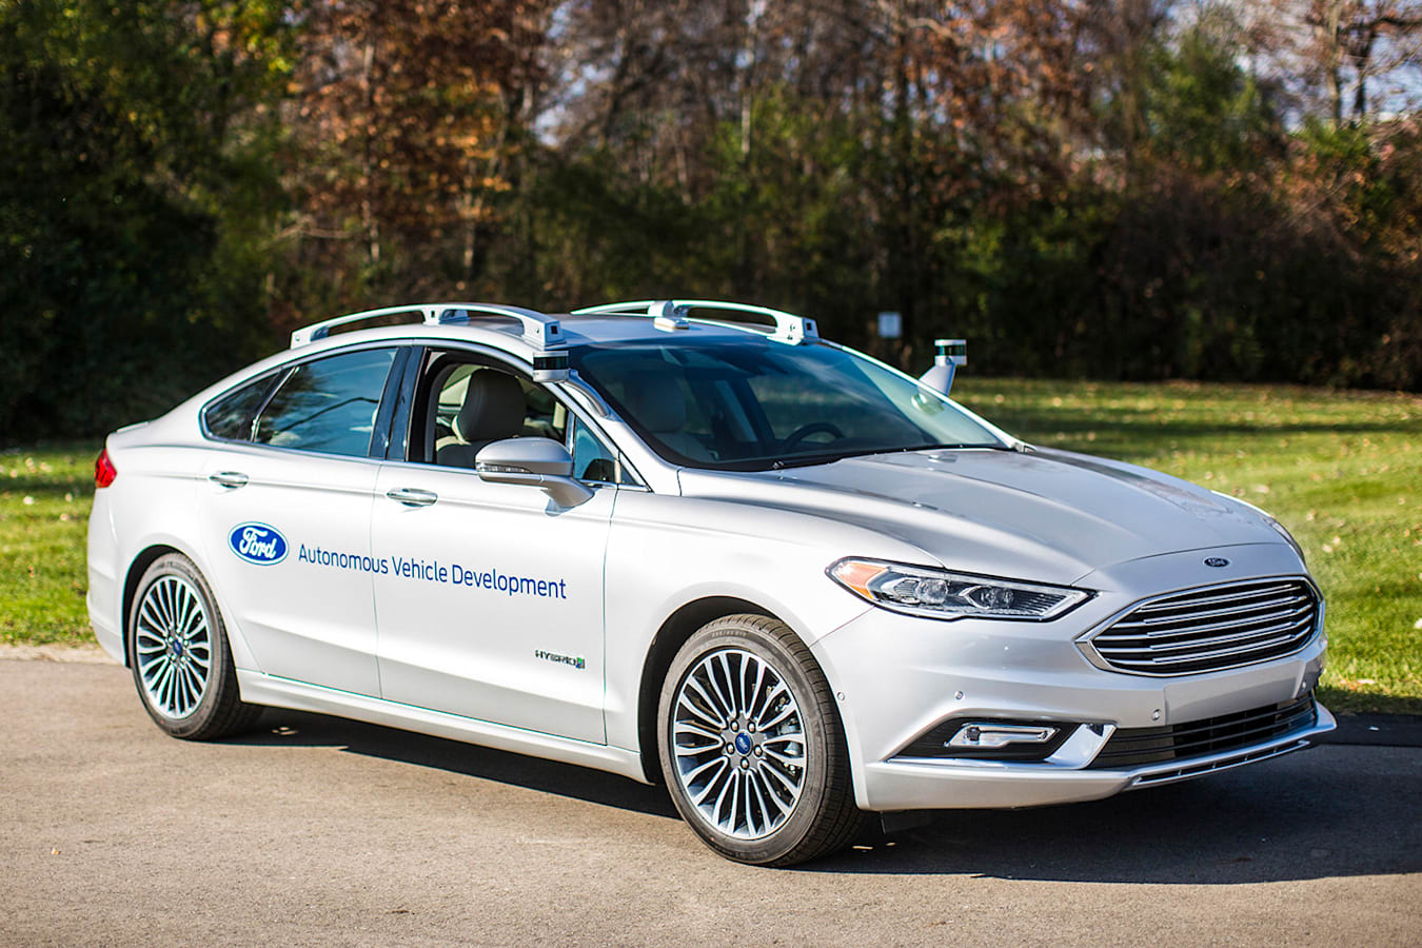 Ford -Fusion -autonomous -front -side -static